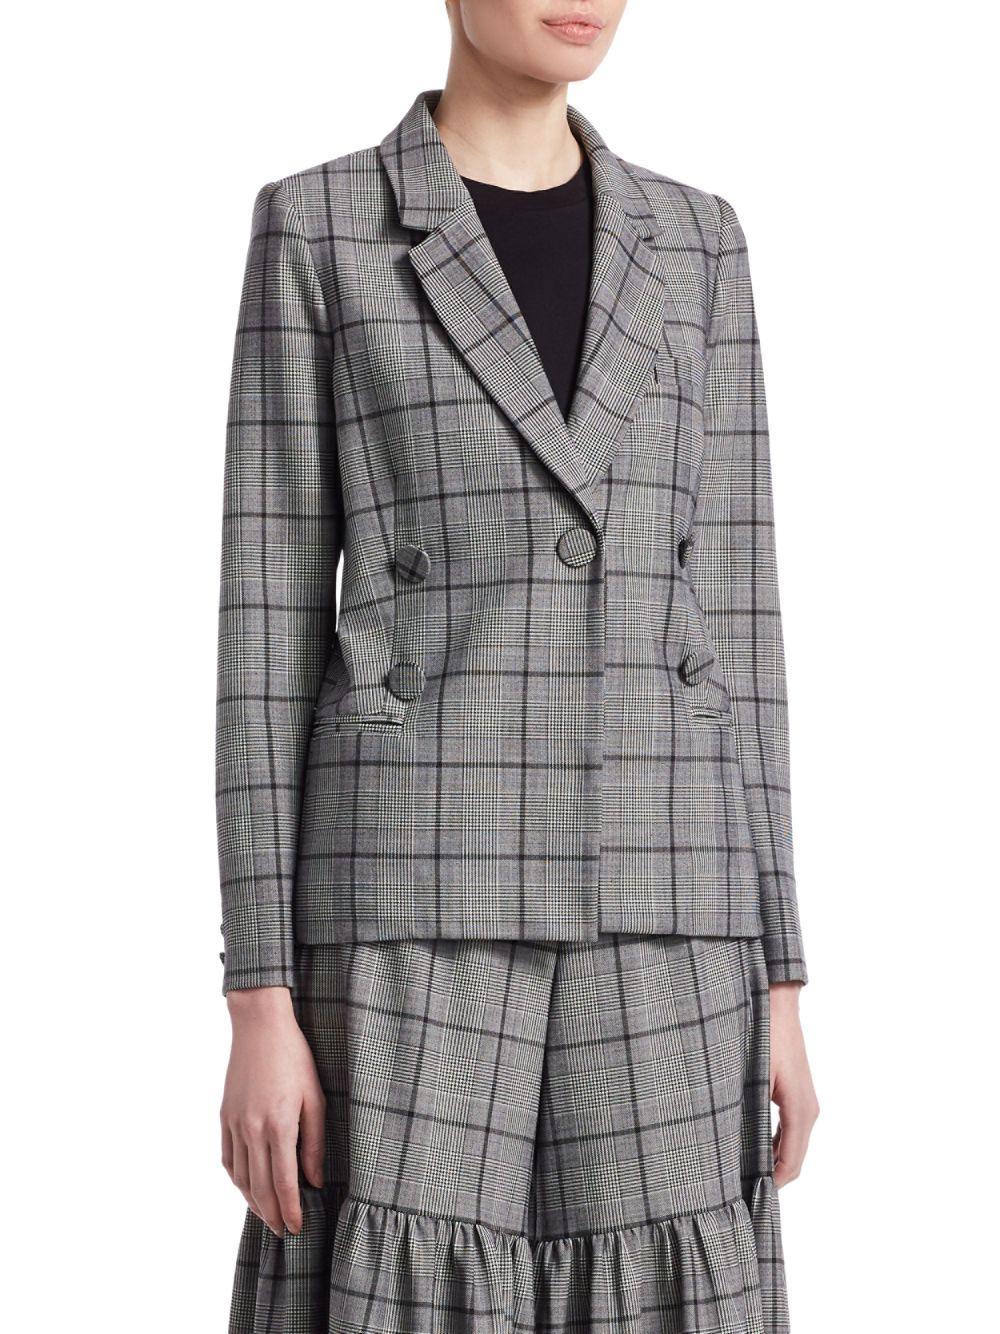 Sea Wool Bacall Plaid Blazer in Grey